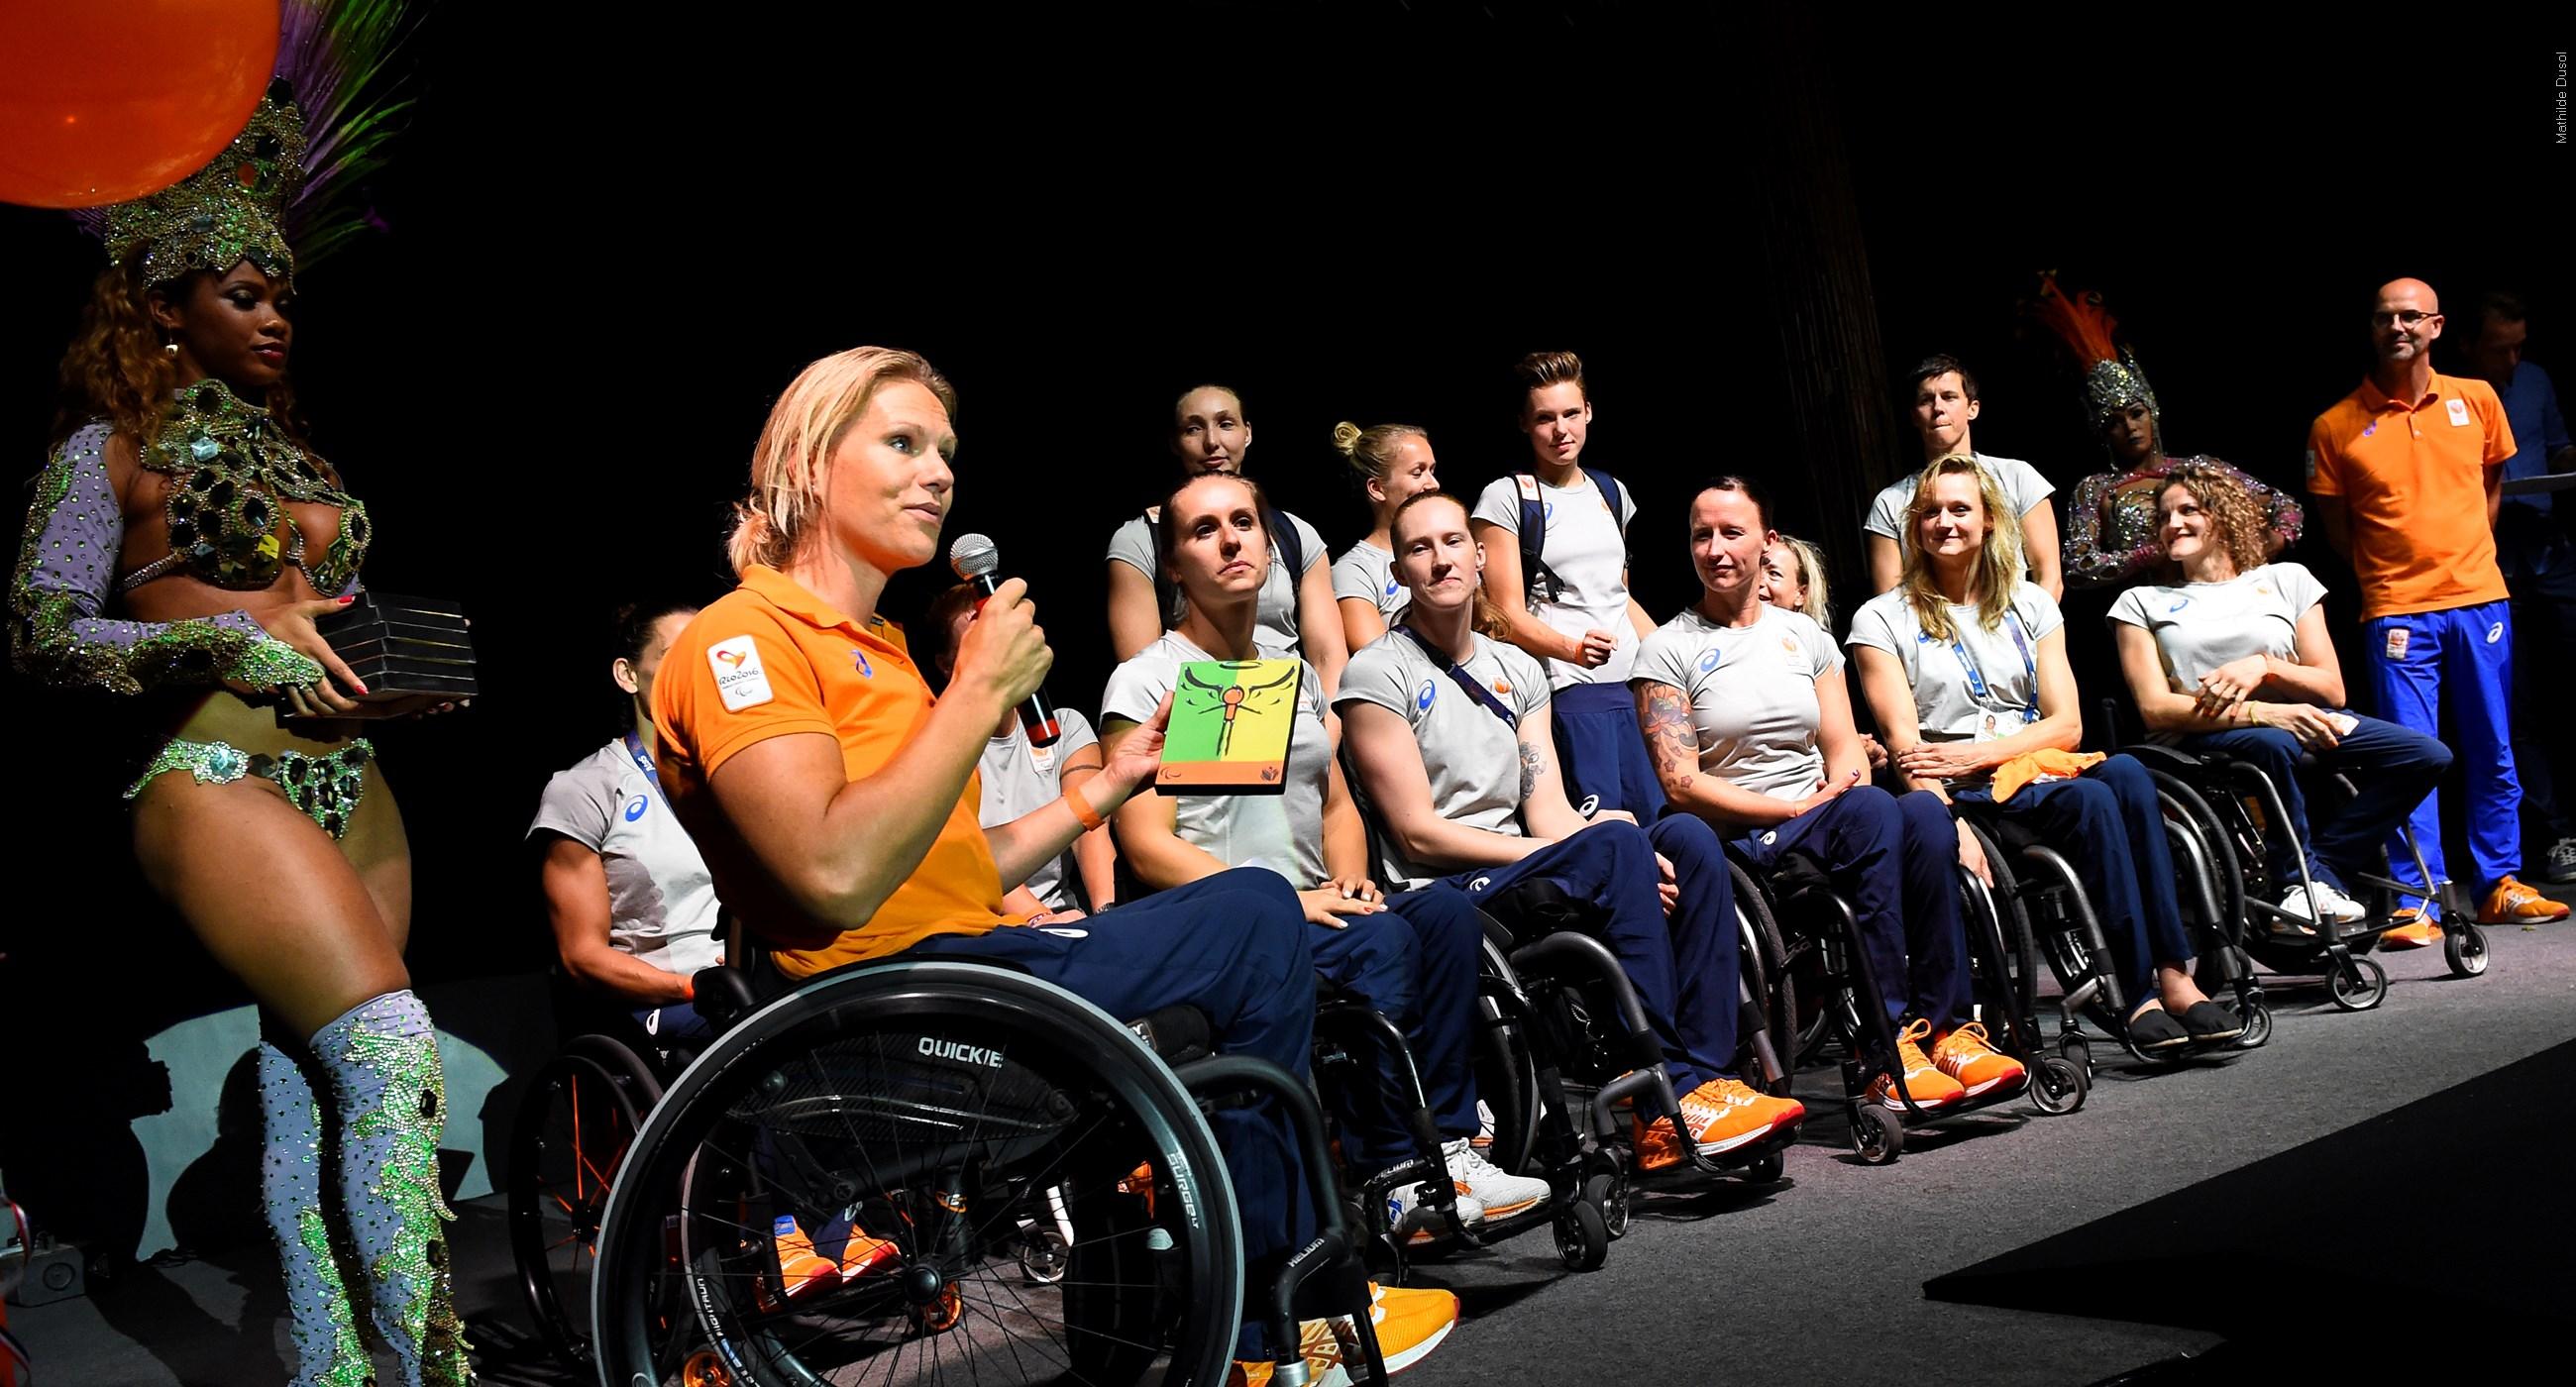 André Cats: Ik kijk met heel veel tevredenheid terug op Rio